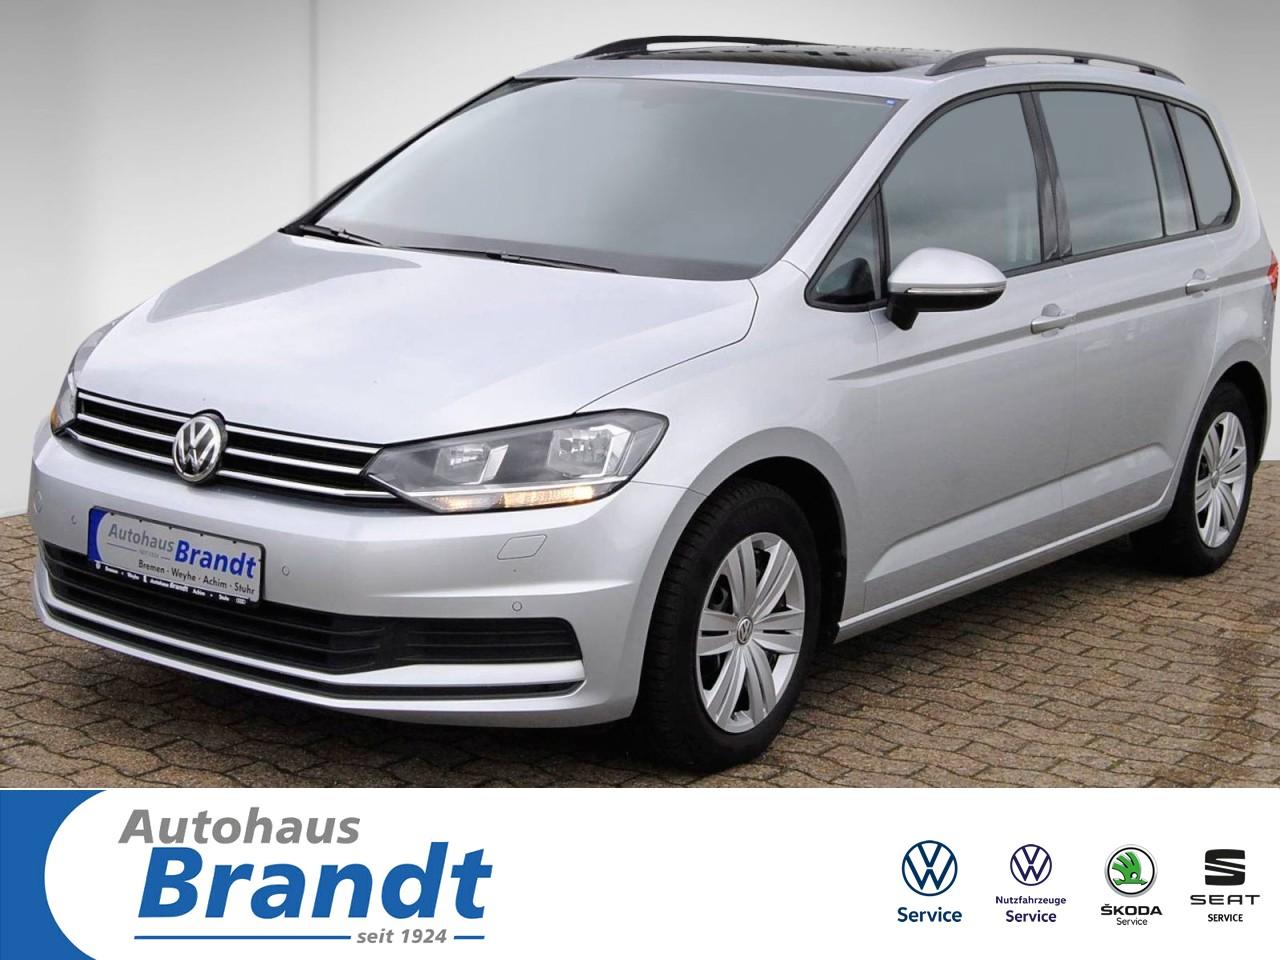 Volkswagen Touran 2.0 TDI DSG*NAVI*ACC*PANO*PDC*SHZ*AHK, Jahr 2018, Diesel